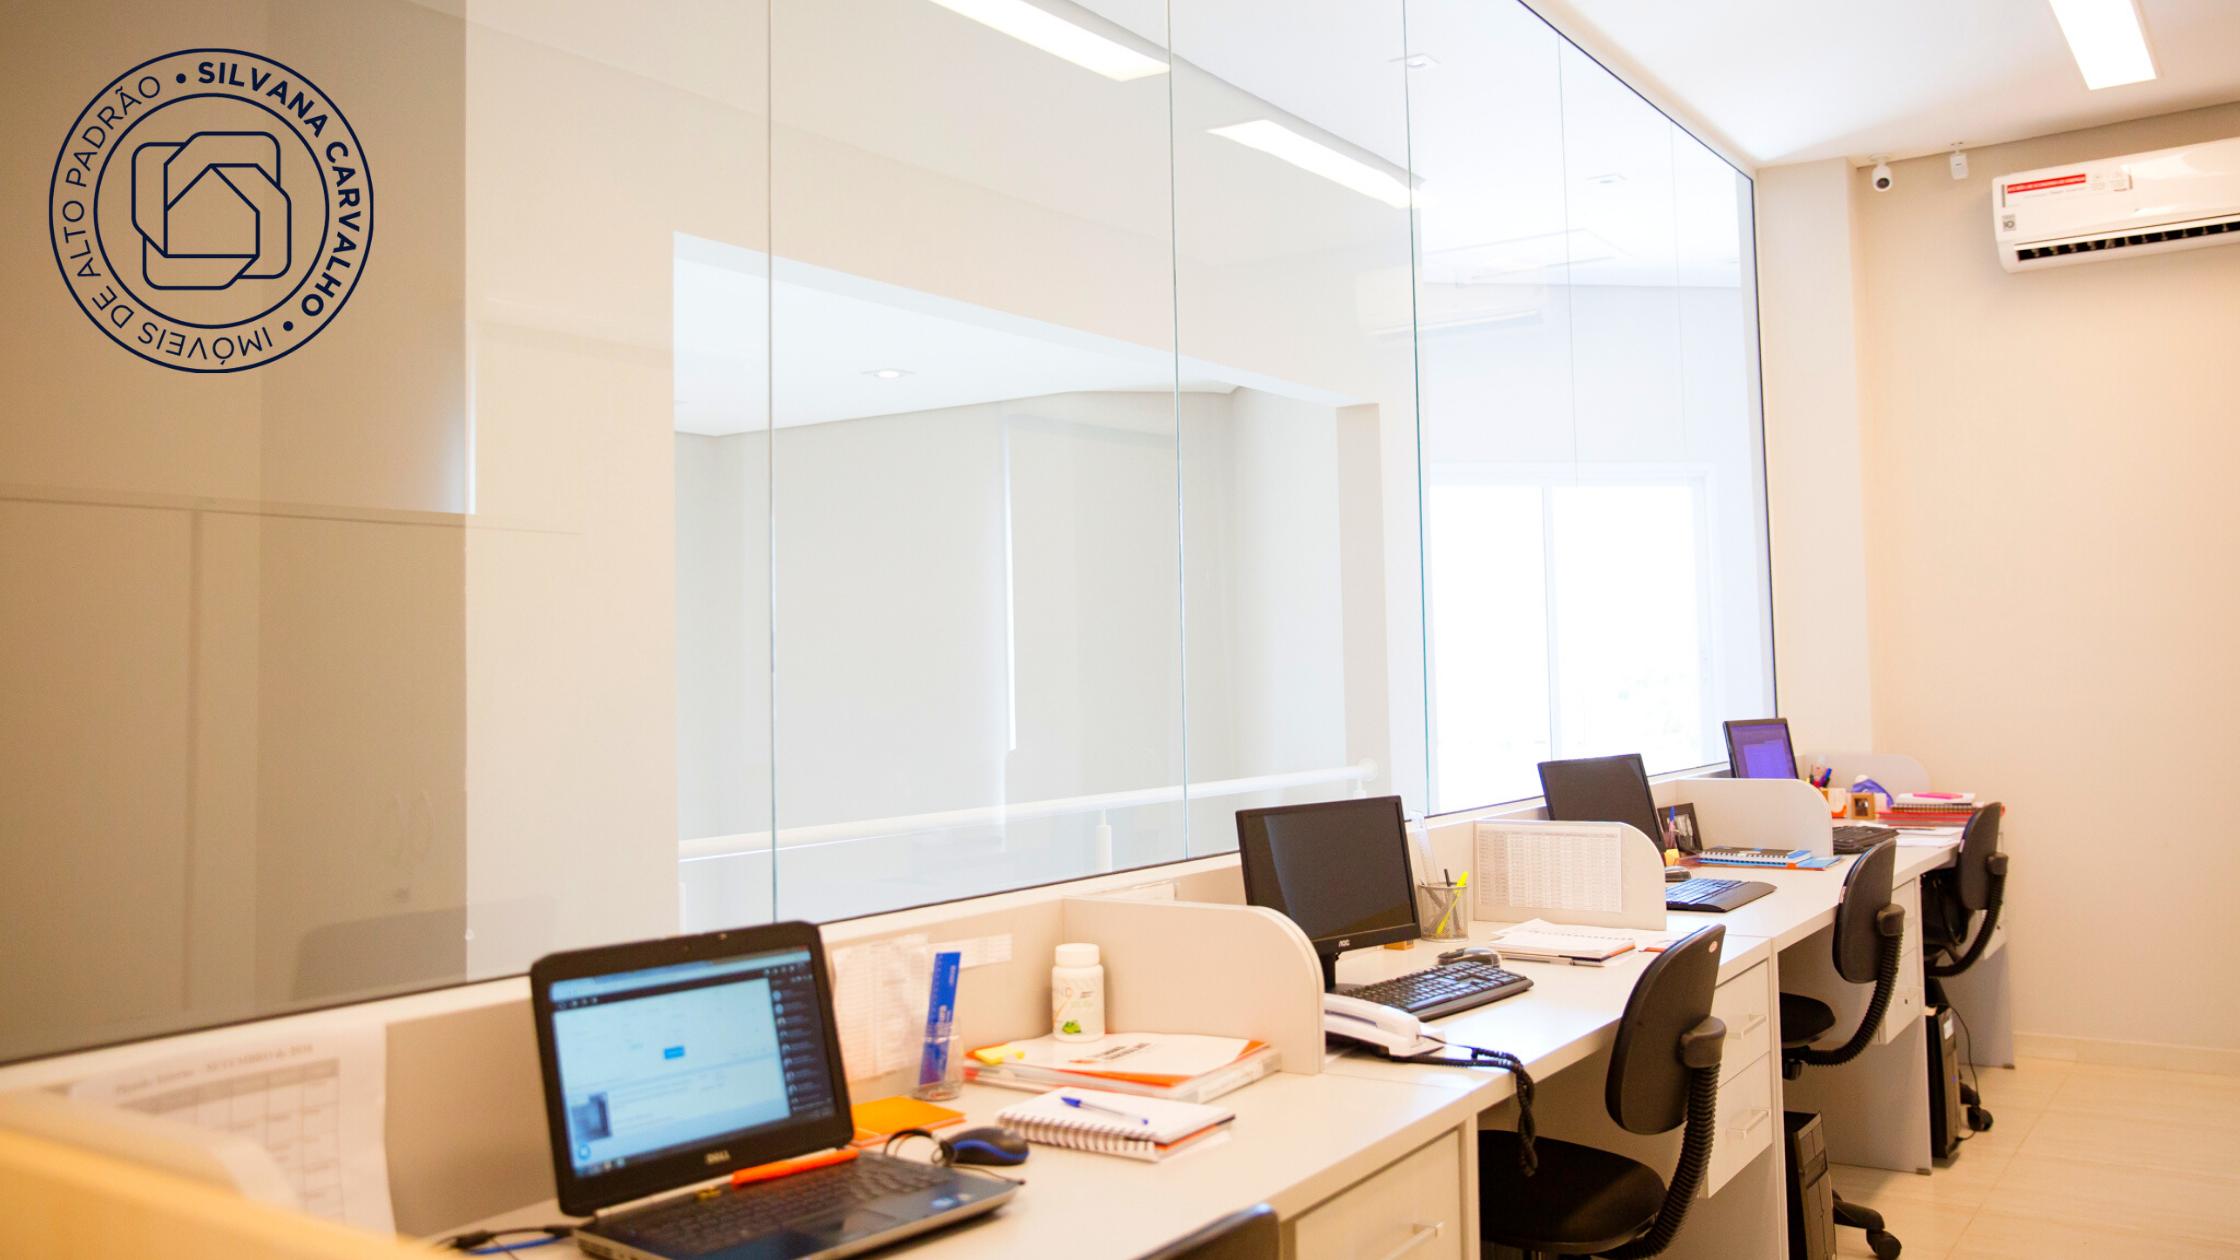 Sala dos consultores do Grupo Silvana Carvalho